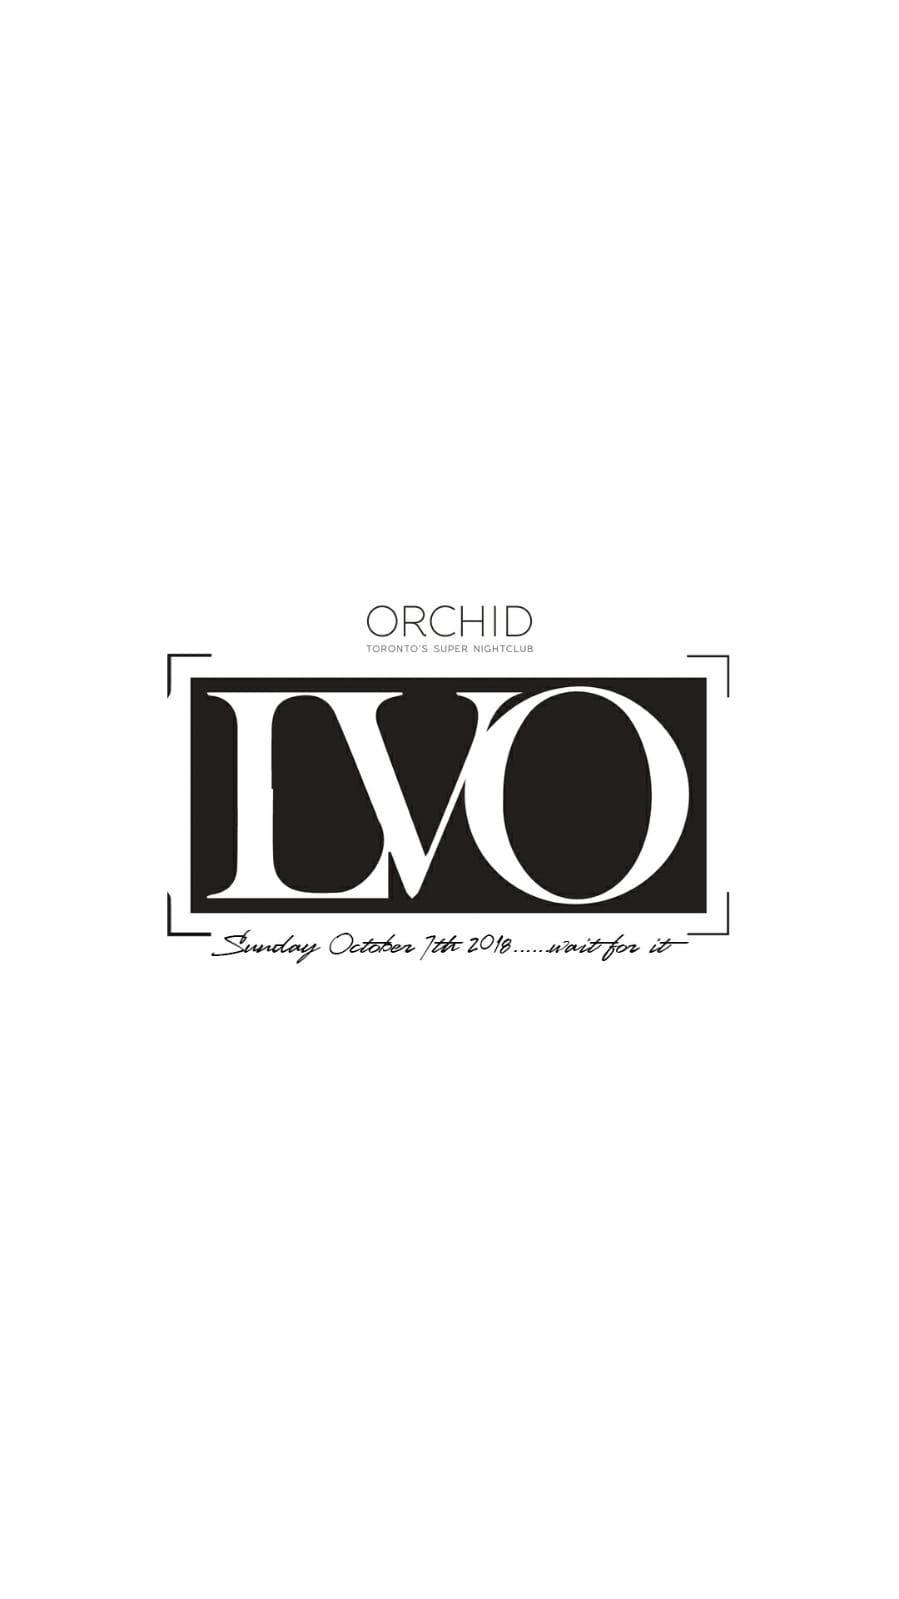 L.V.O - Libra's Very Own